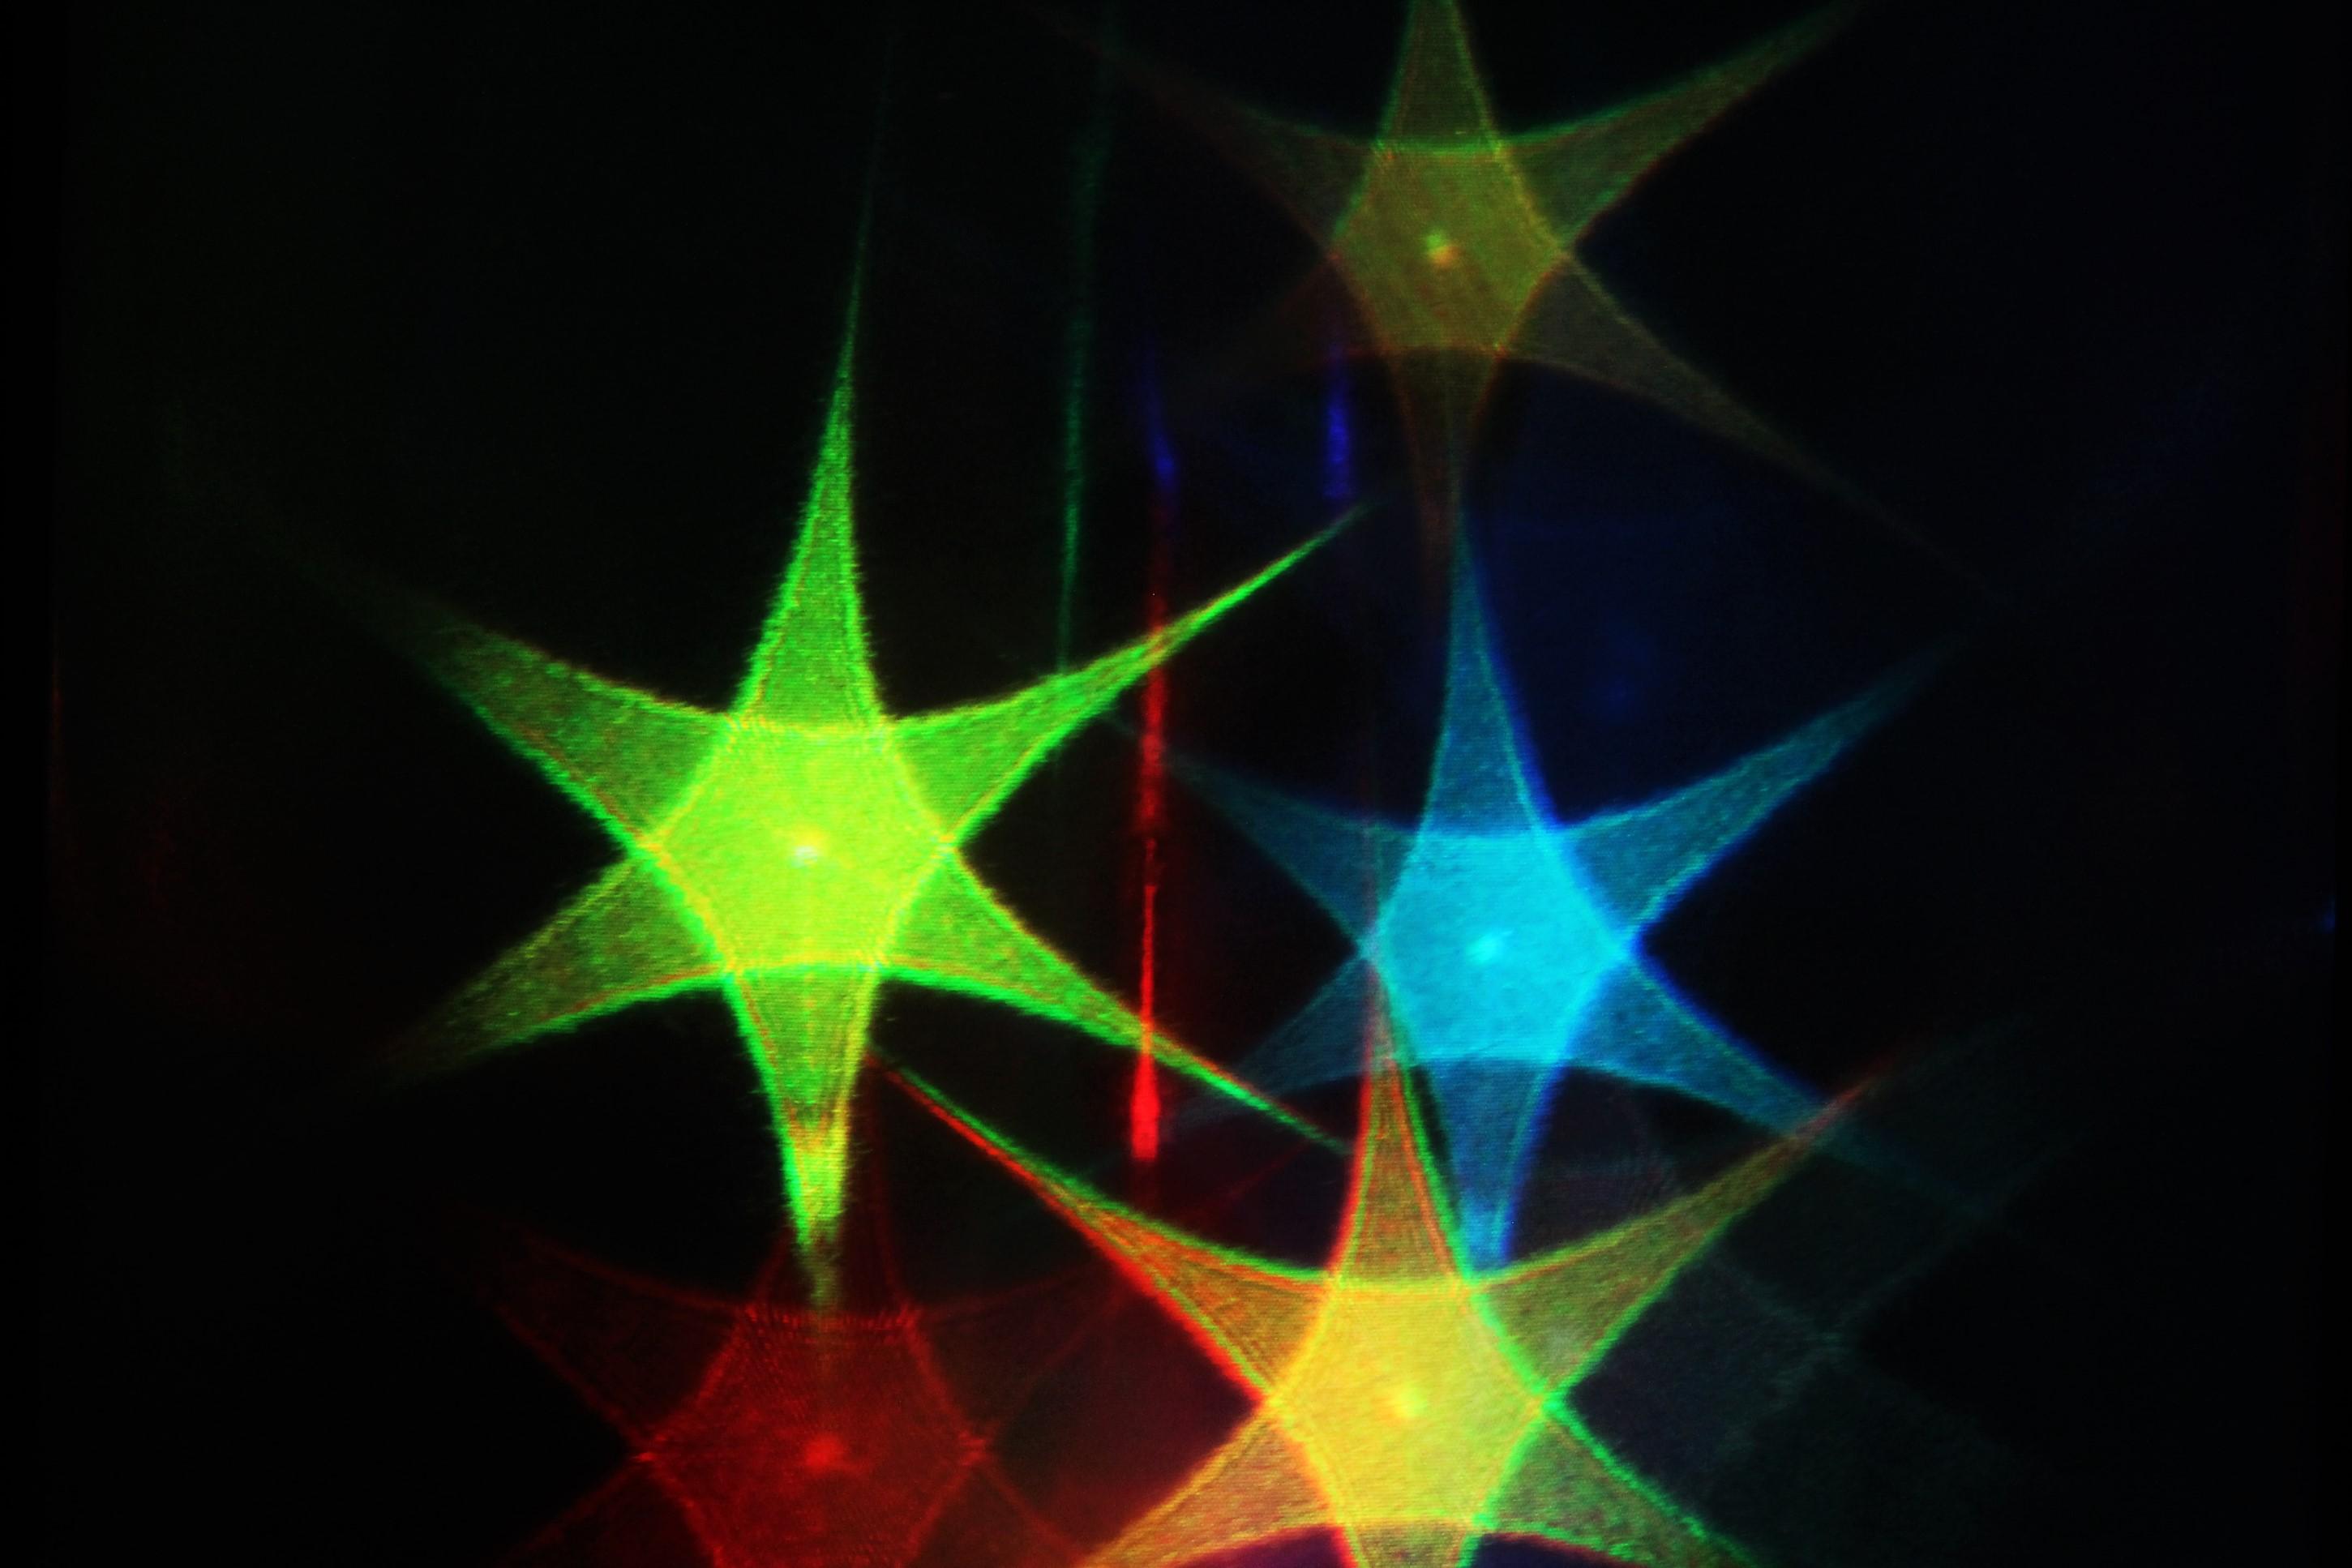 Färgglada stjärnor